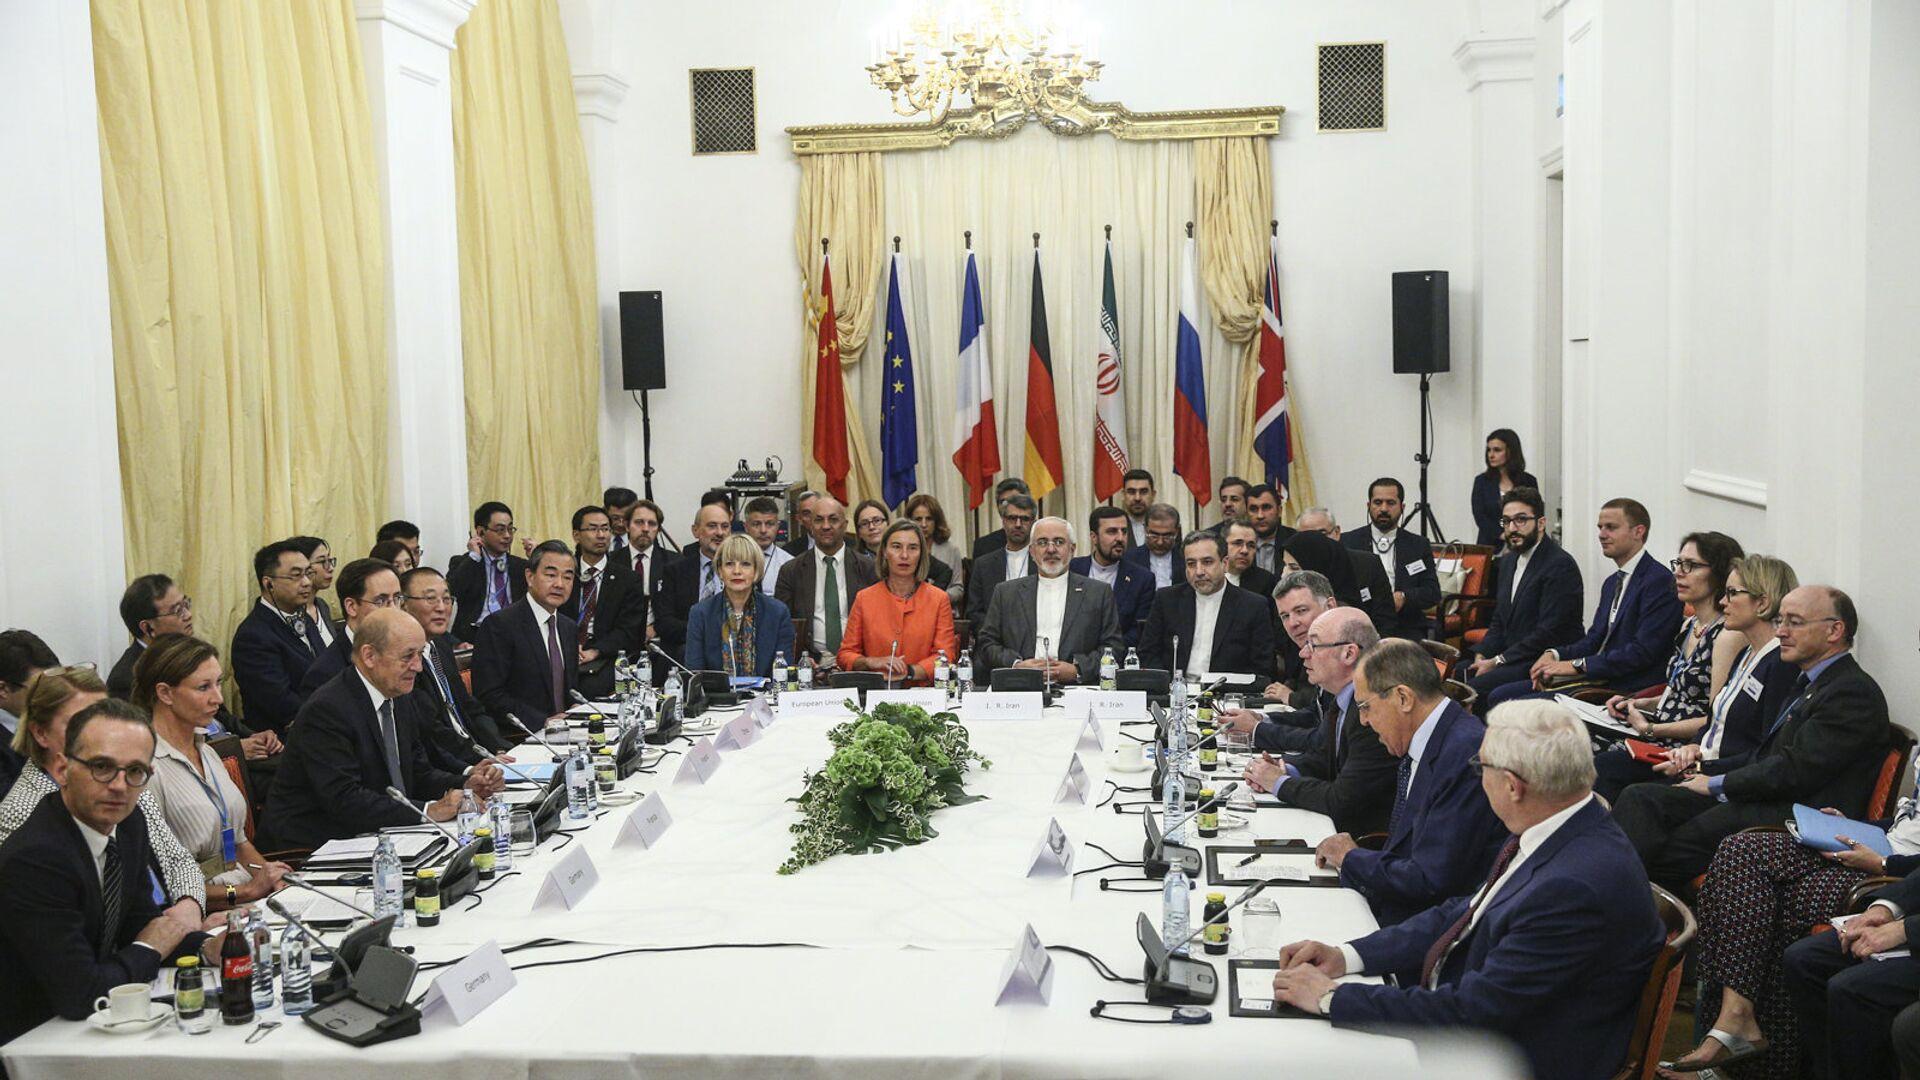 В Вене состоялась Министерская встреча по Иранской ядерной программы. 6 июля 2018 - РИА Новости, 1920, 02.04.2021